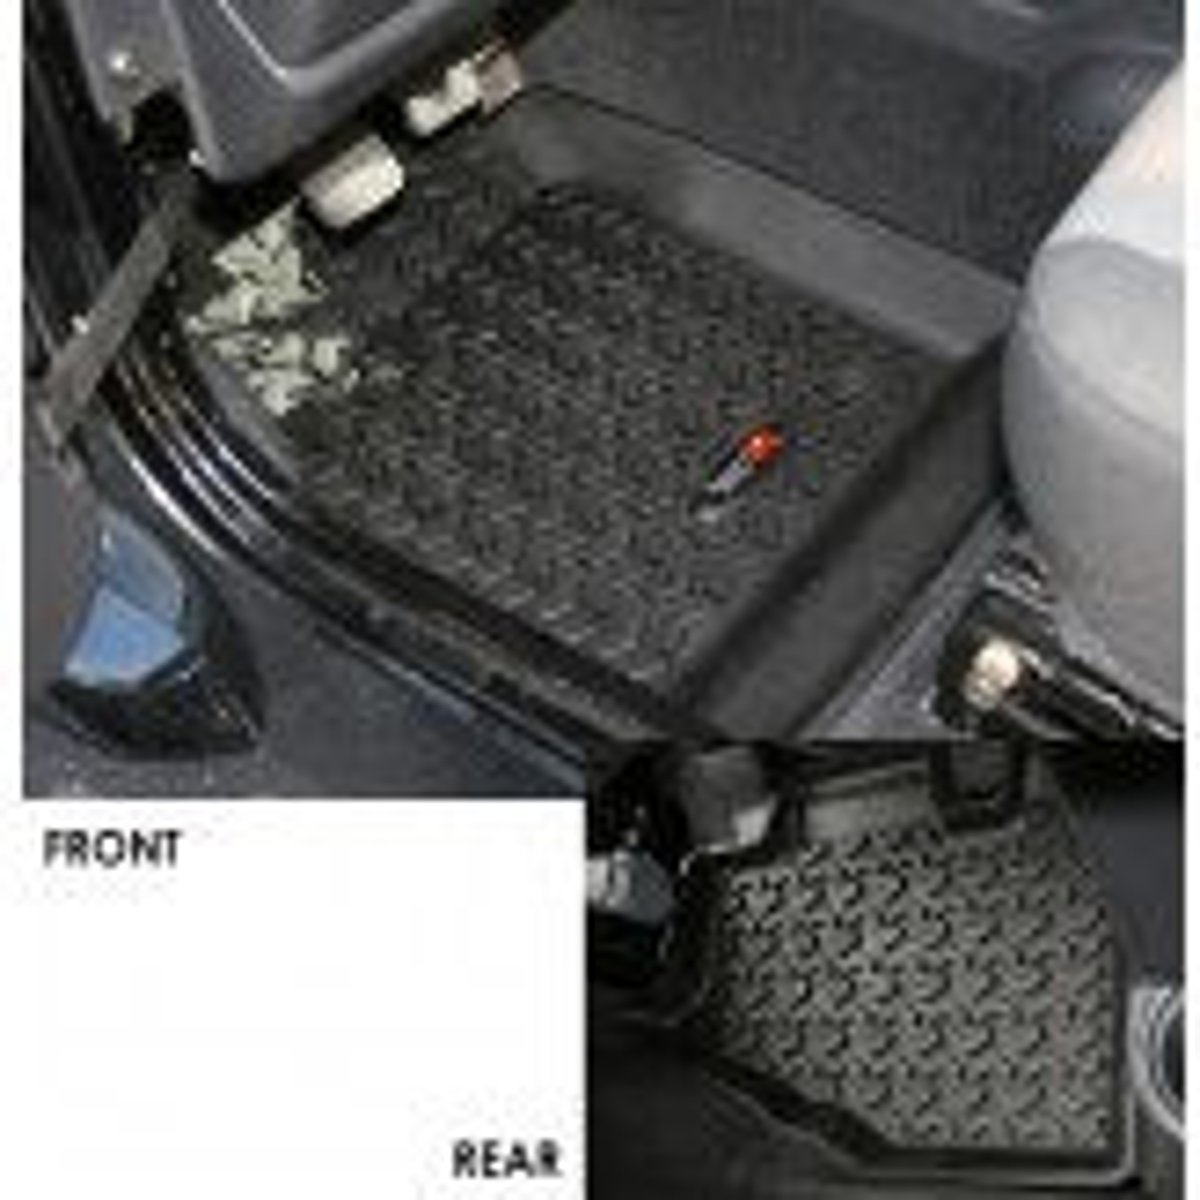 Floor Liners, Kit, Black; 97-06 Jeep Wrangler/Unlimited TJ/LJ